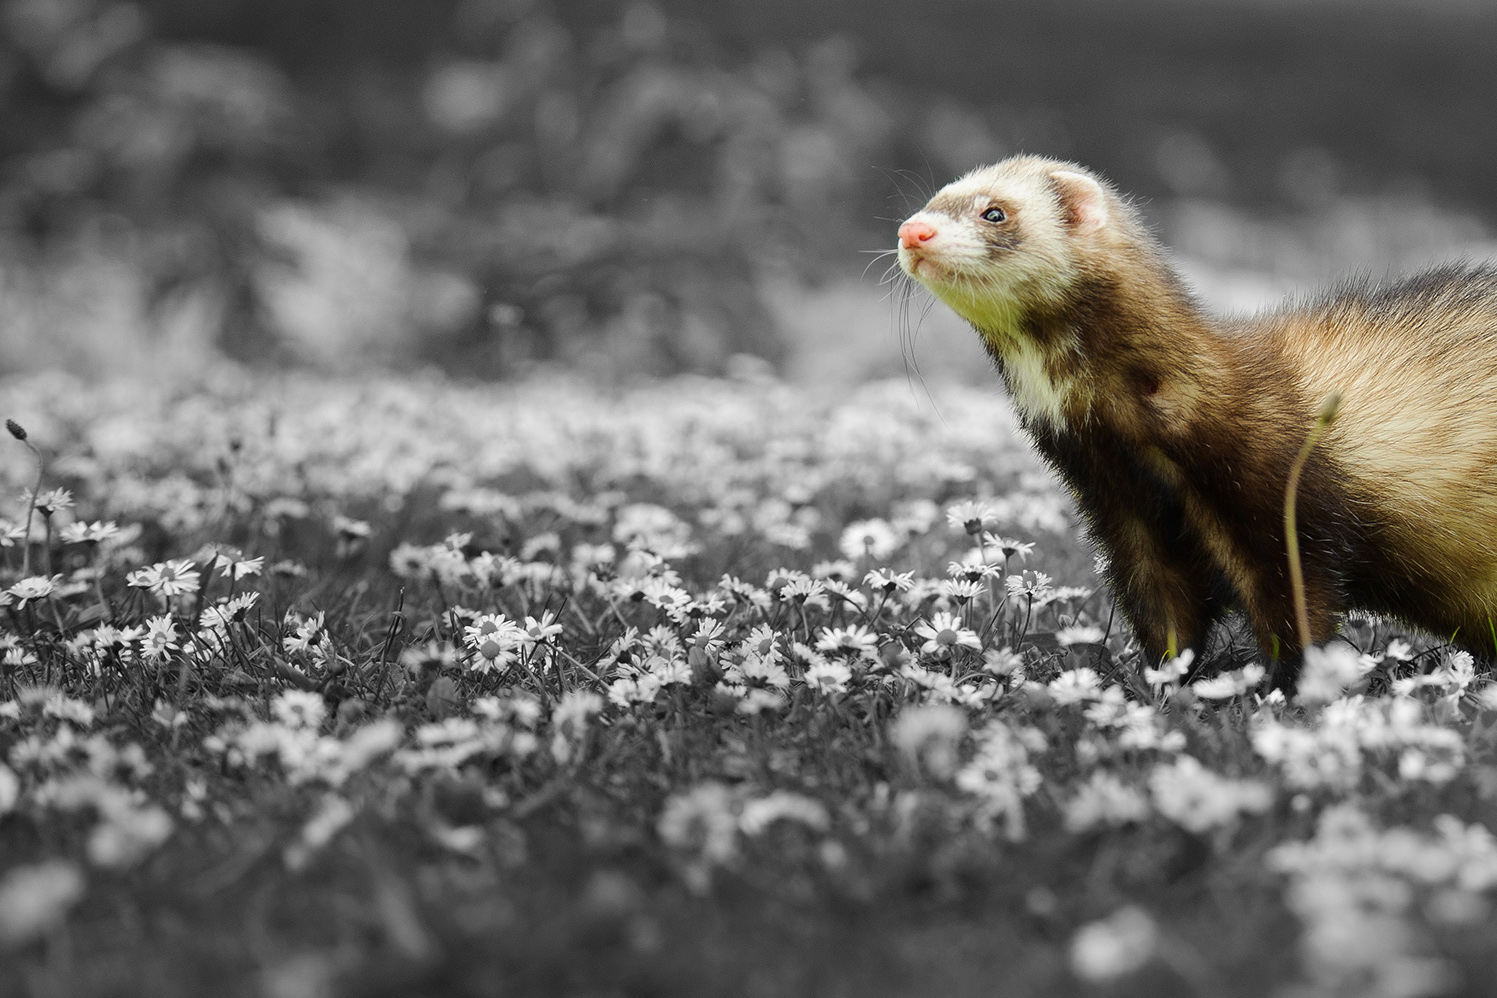 Are polecat-ferret hybrids good for conservation?